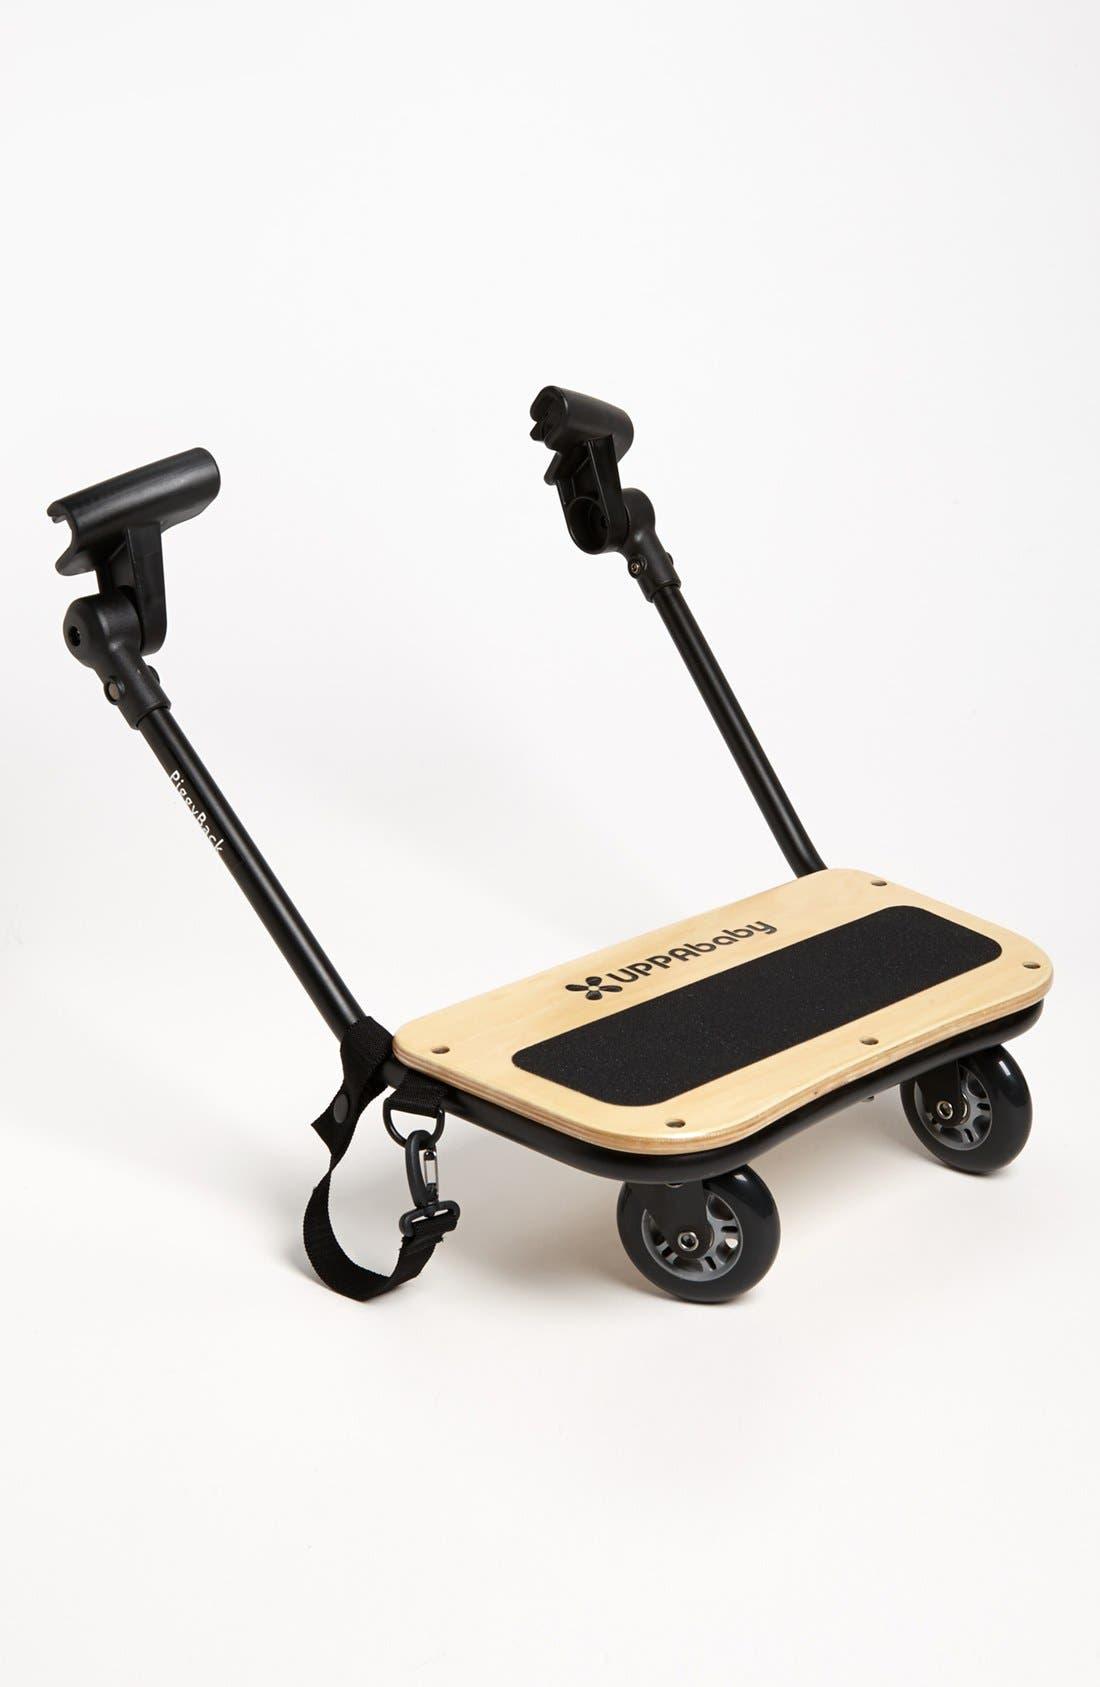 Alternate Image 1 Selected - UPPAbaby VISTA Stroller PiggyBack™ Ride-Along Board